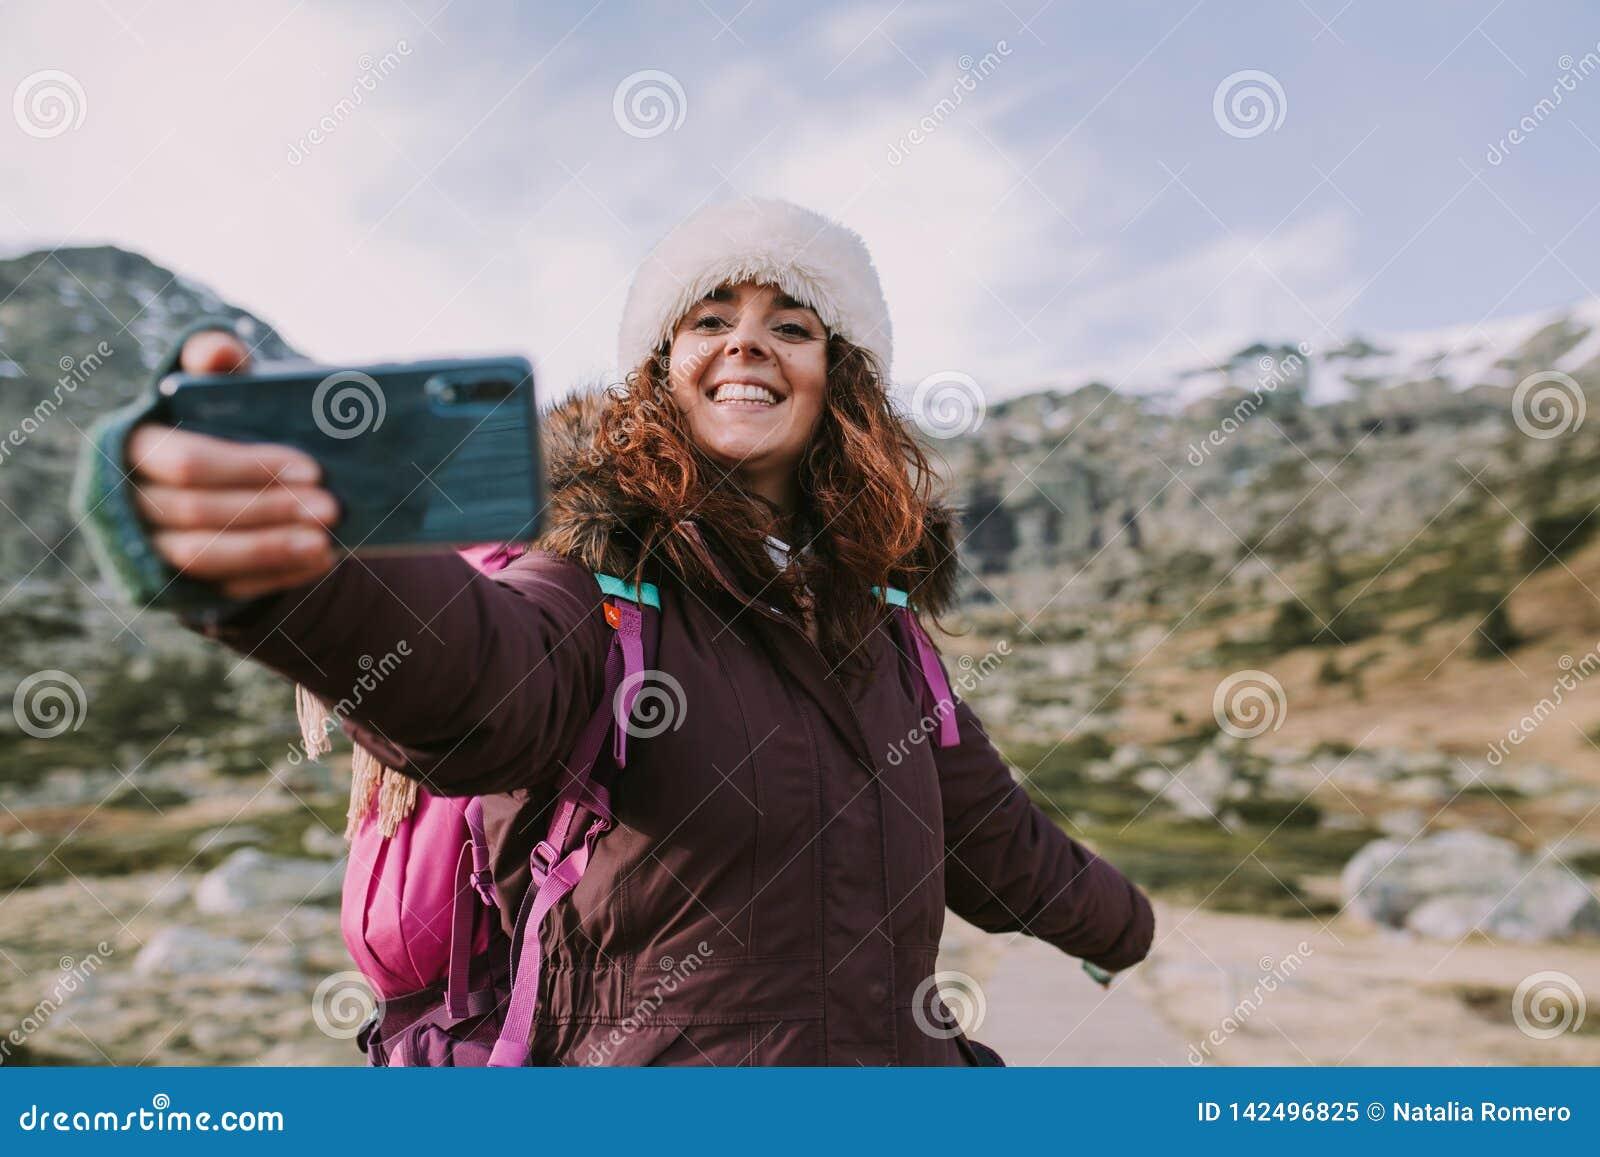 La mujer joven toma una fotografía en la montaña